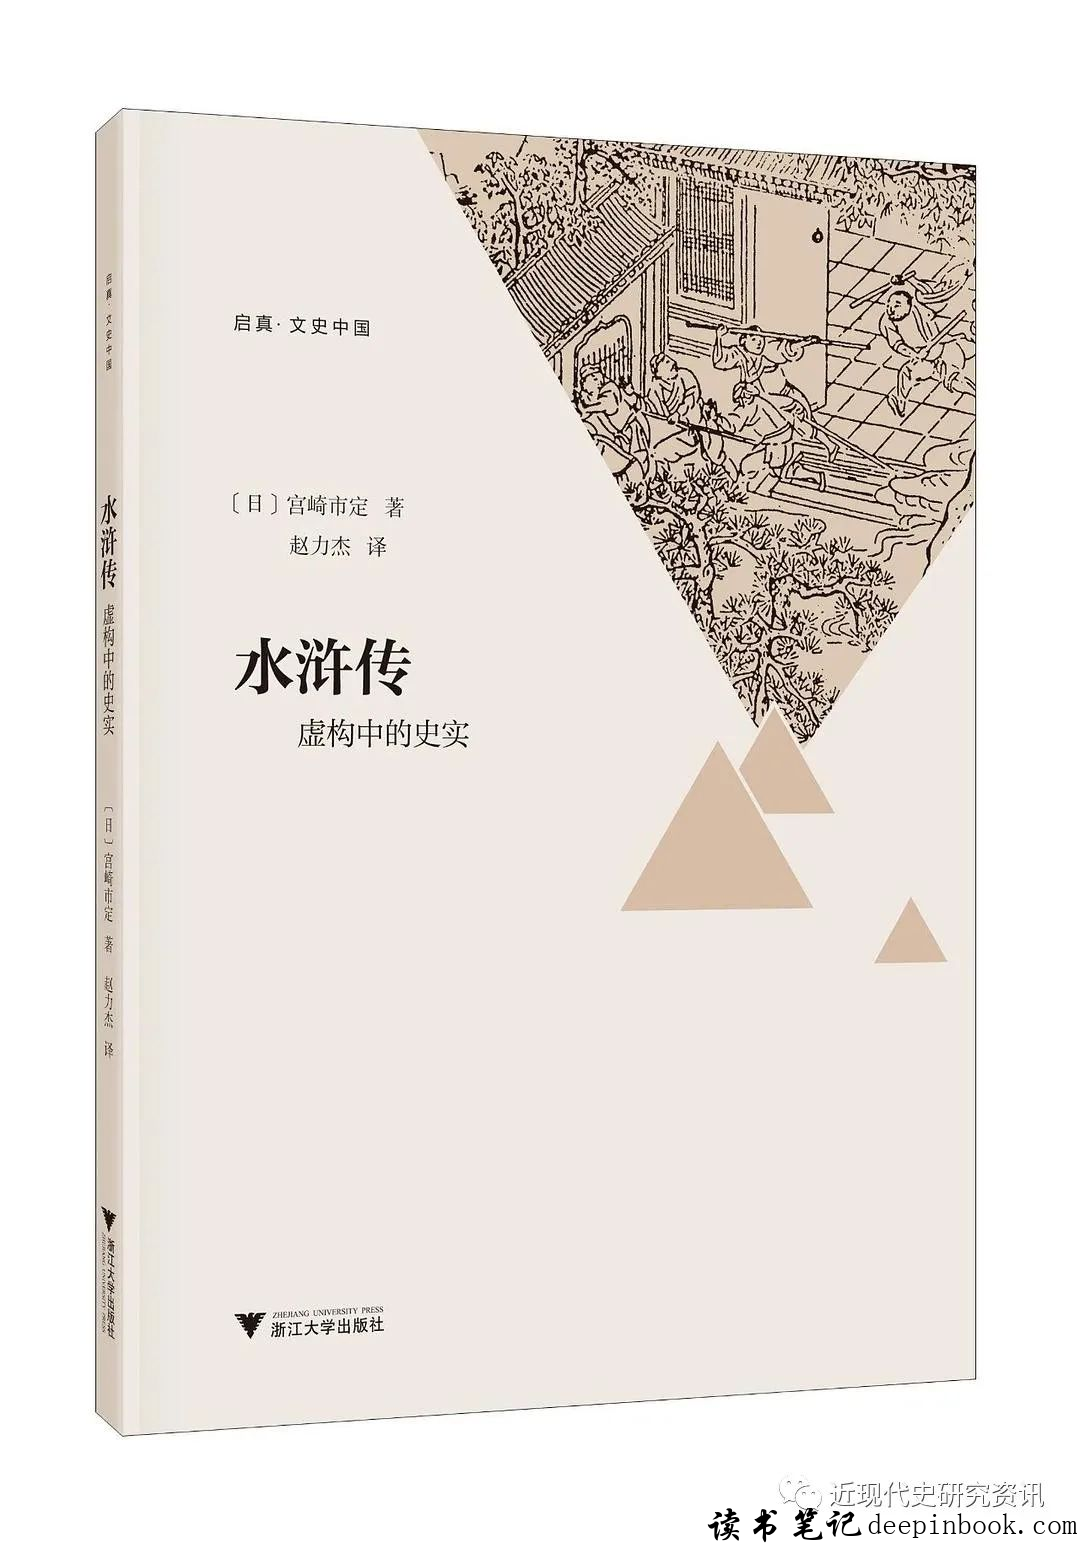 水浒传:虚构中的史实读书笔记